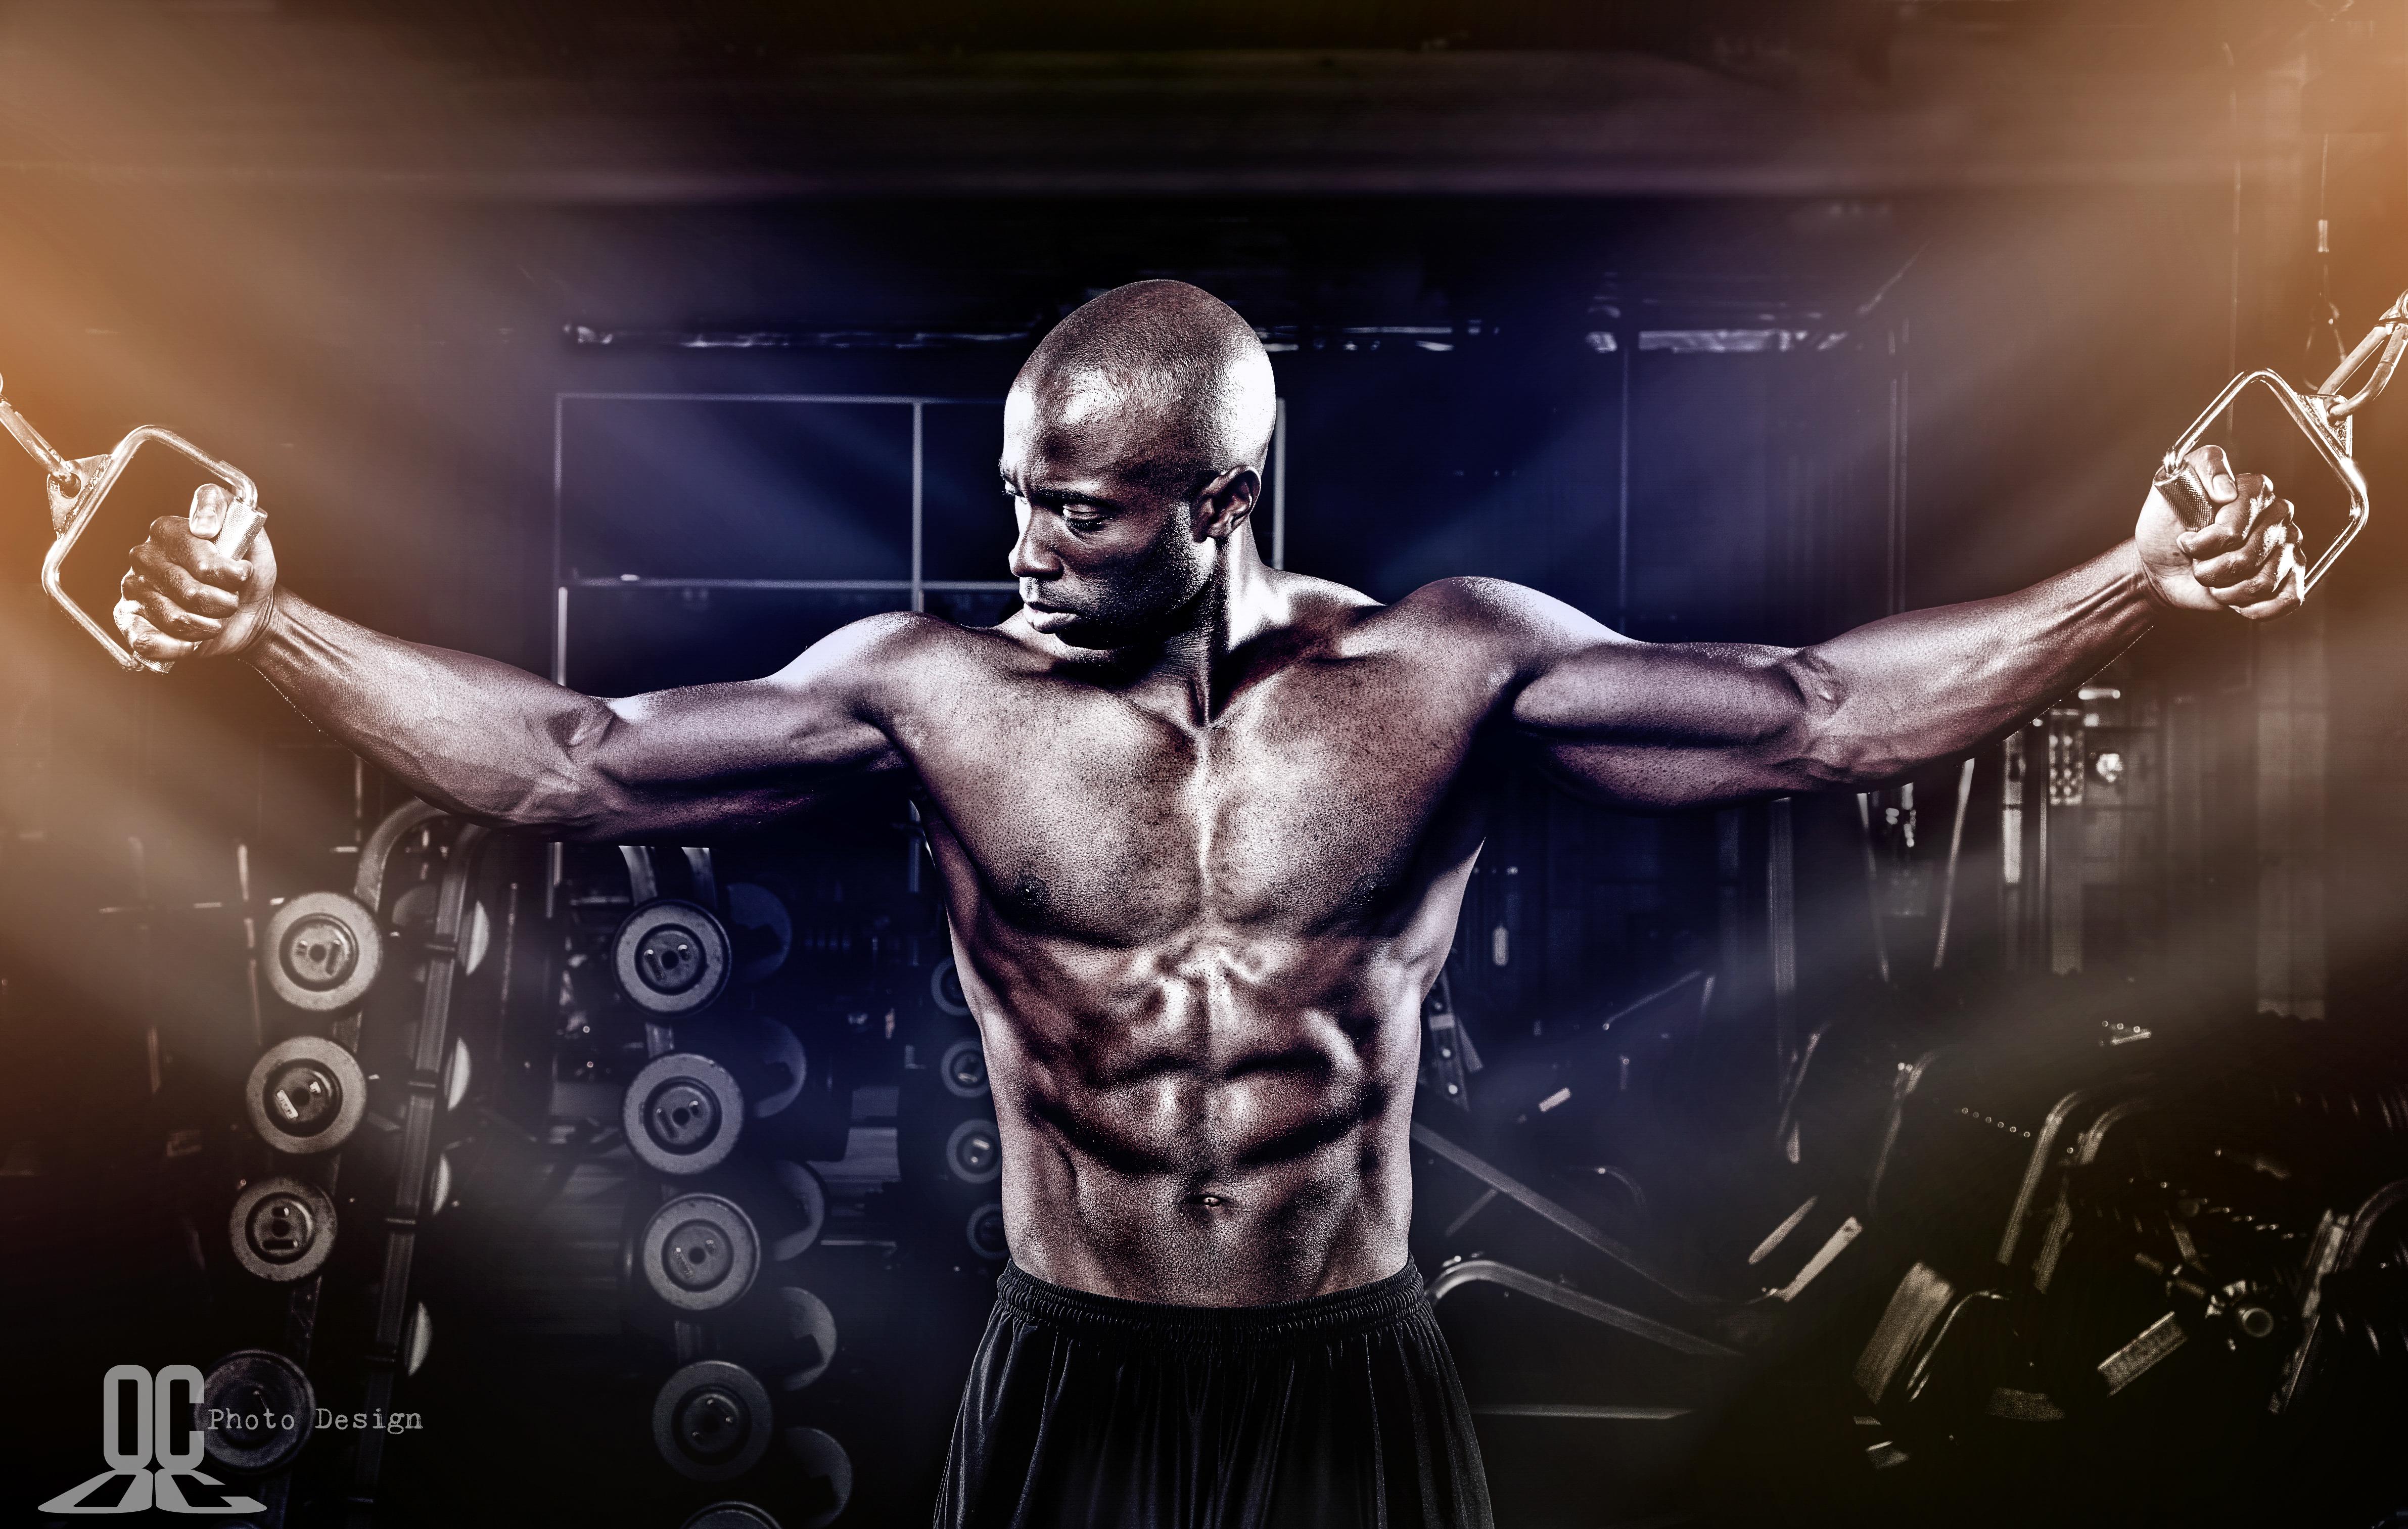 OCPD_Fitness_06